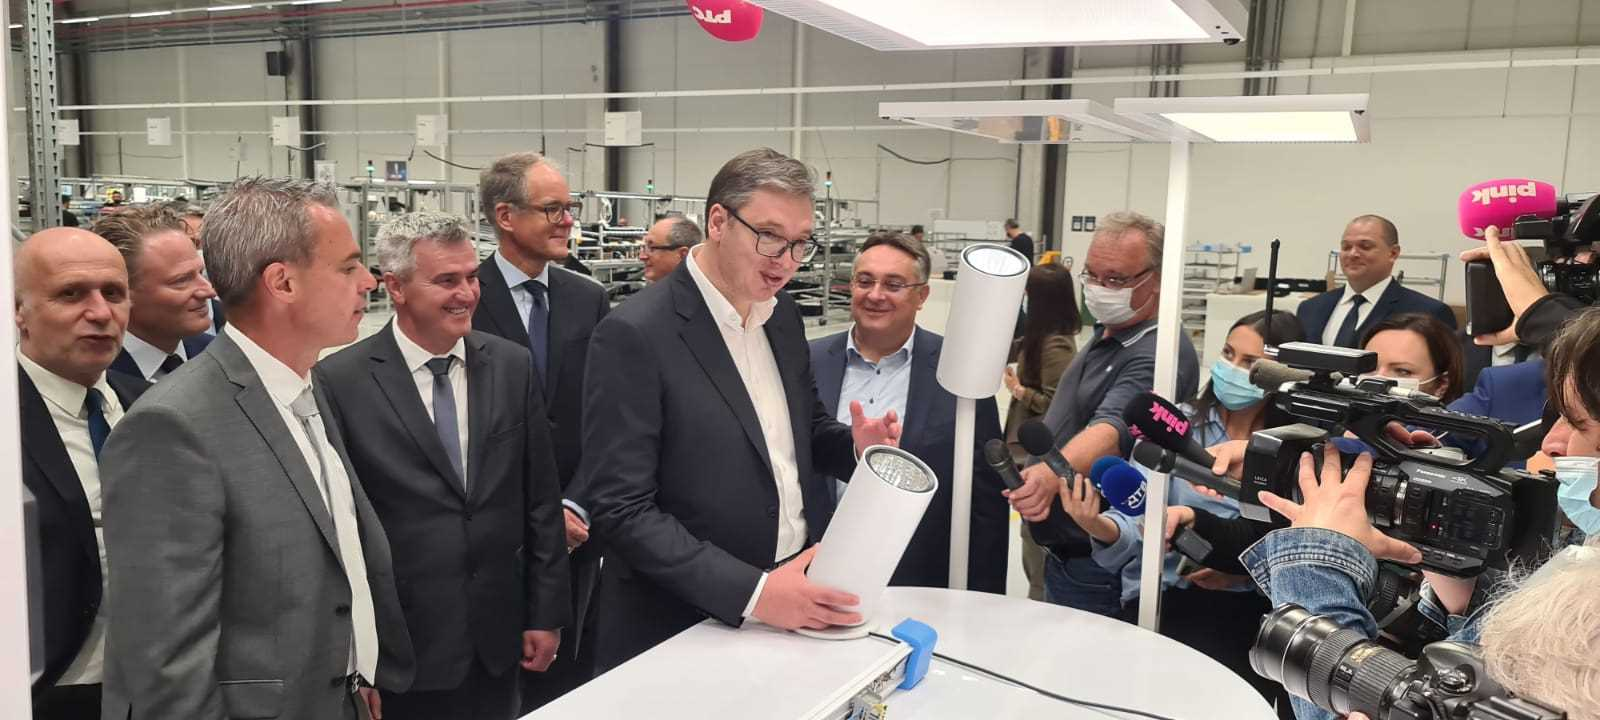 """Novi pogon svajcarske kompanije """"Regent lajtning"""" u Svilajncu, koja ce zaposliti vise od 120 radnika, presecanjem vrpce zvanicno je otvorio predsednik Srbije Aleksandar Vucic."""